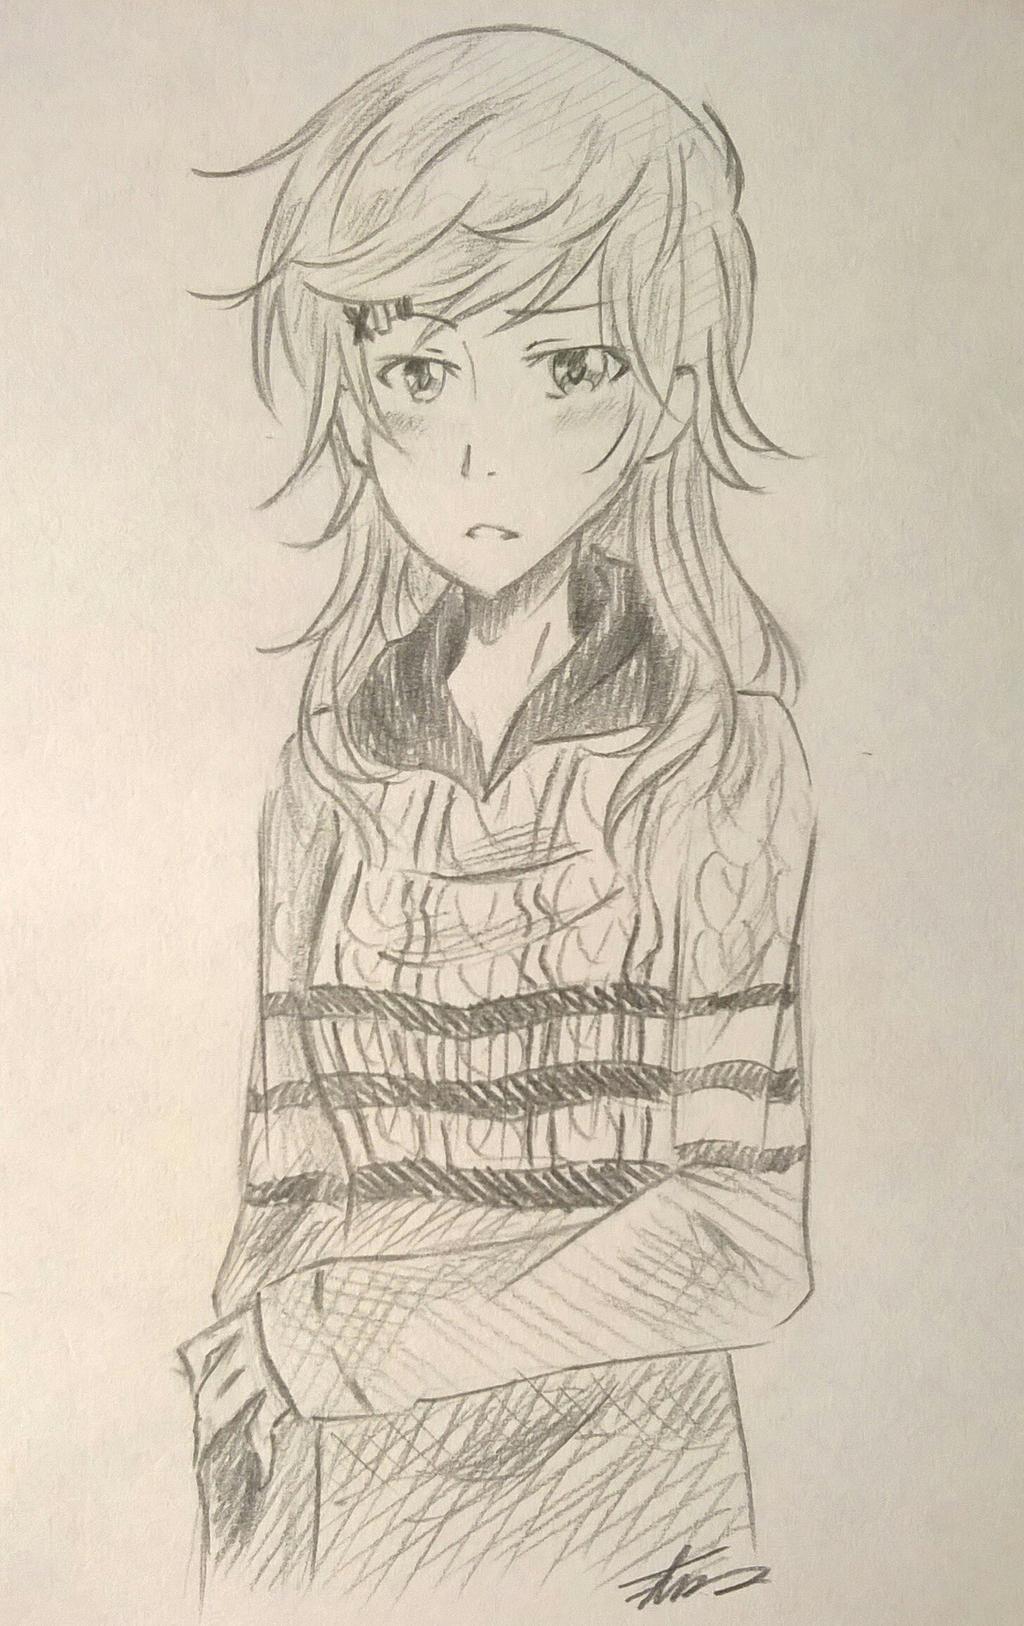 Untitled by Kamikoroshu